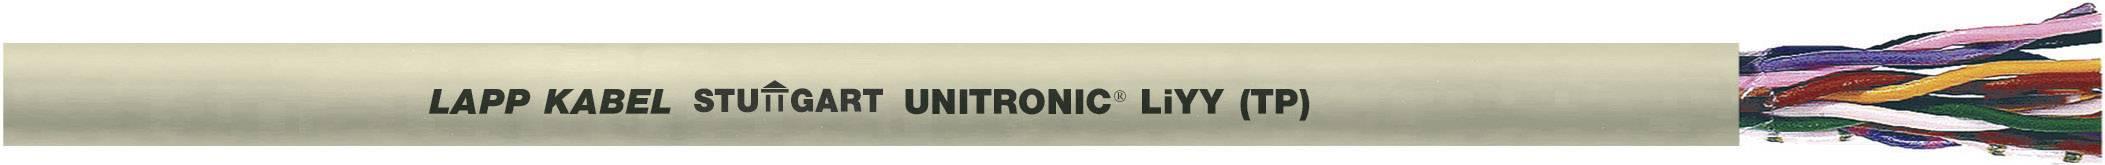 Dátový kábel LappKabel 0035101 UNITRONIC® LiYY (TP), 2 x 2 x 0.14 mm², sivá, metrový tovar